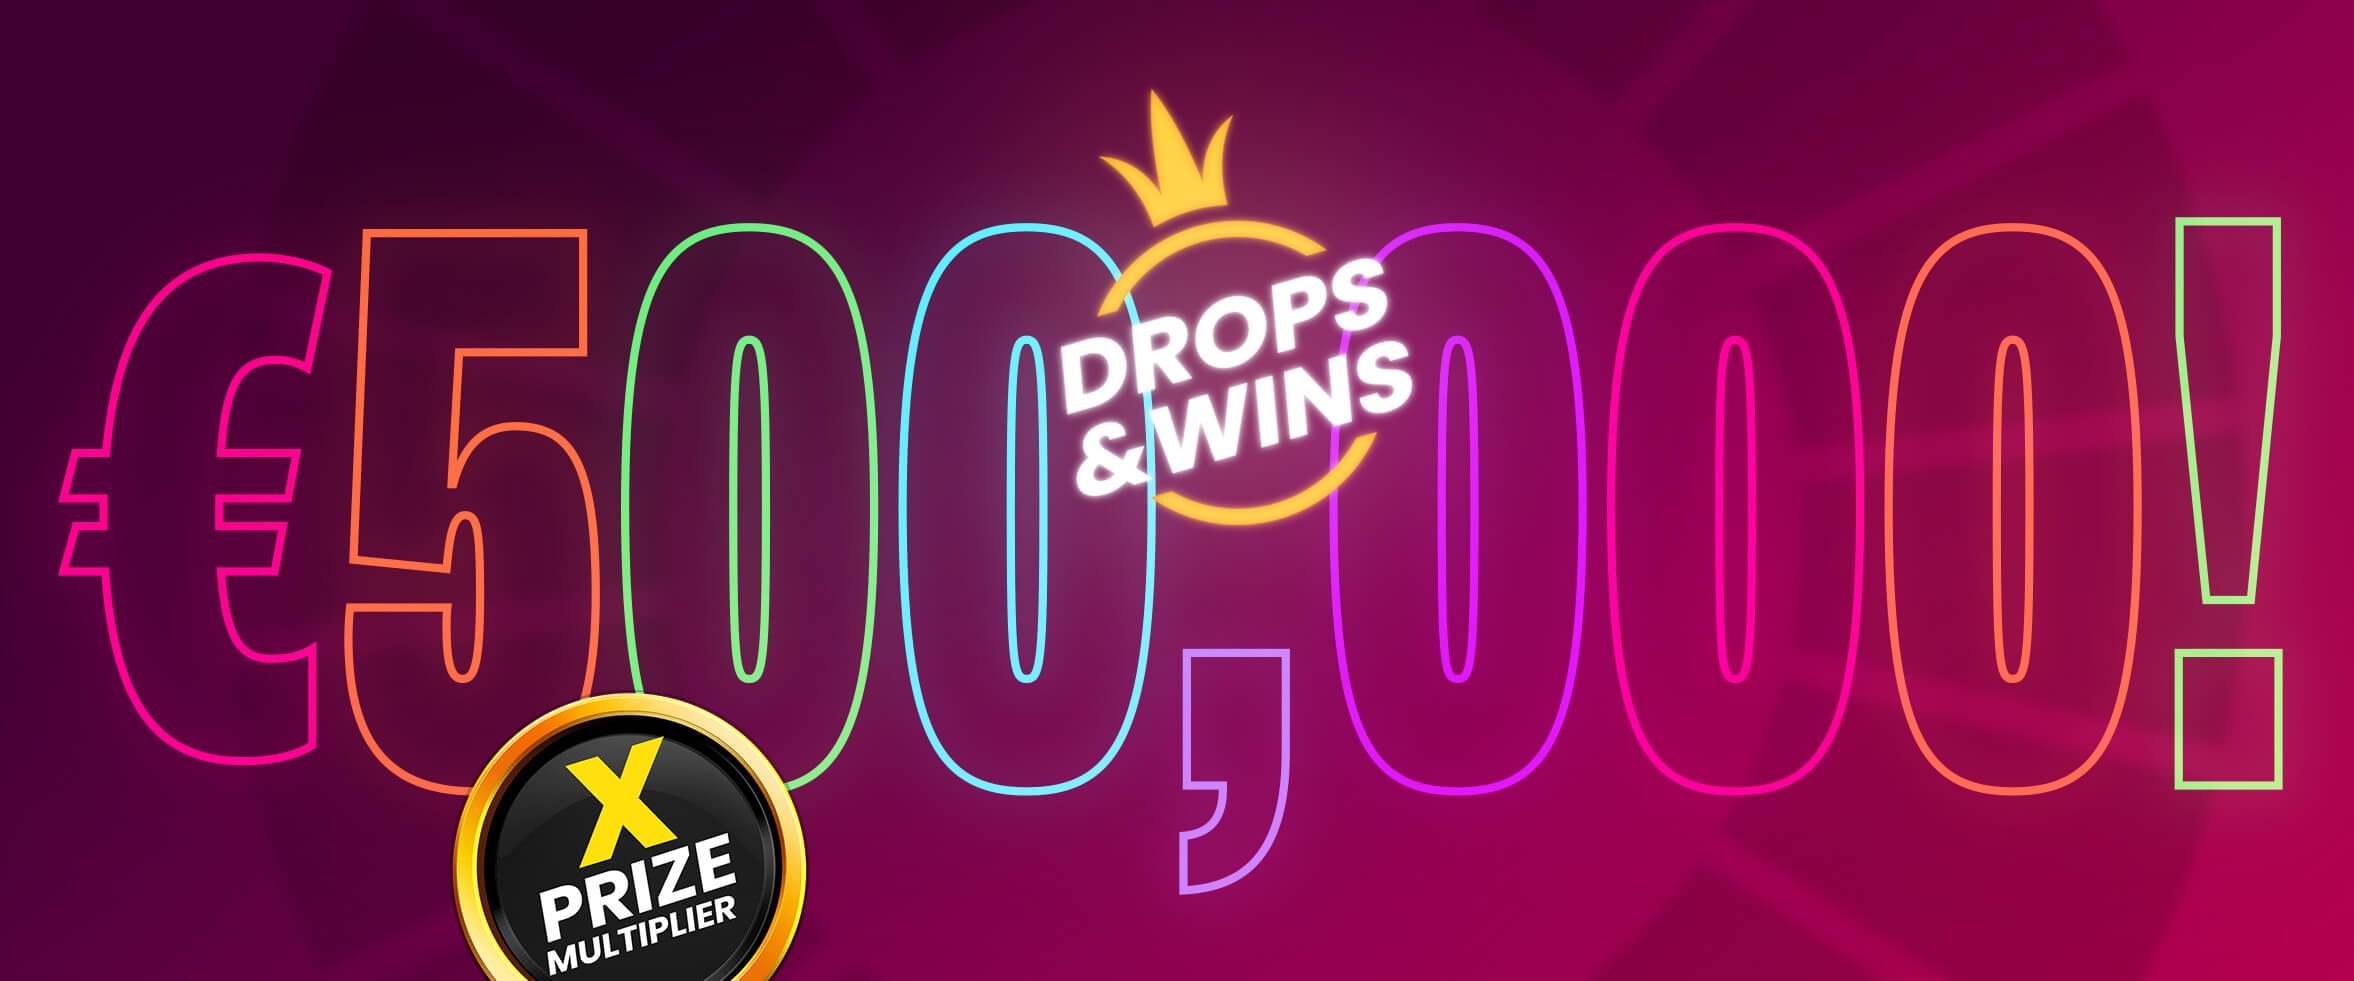 Drops & Wins kuukausittaiset palkinnot tuplattu 500 000€ asti